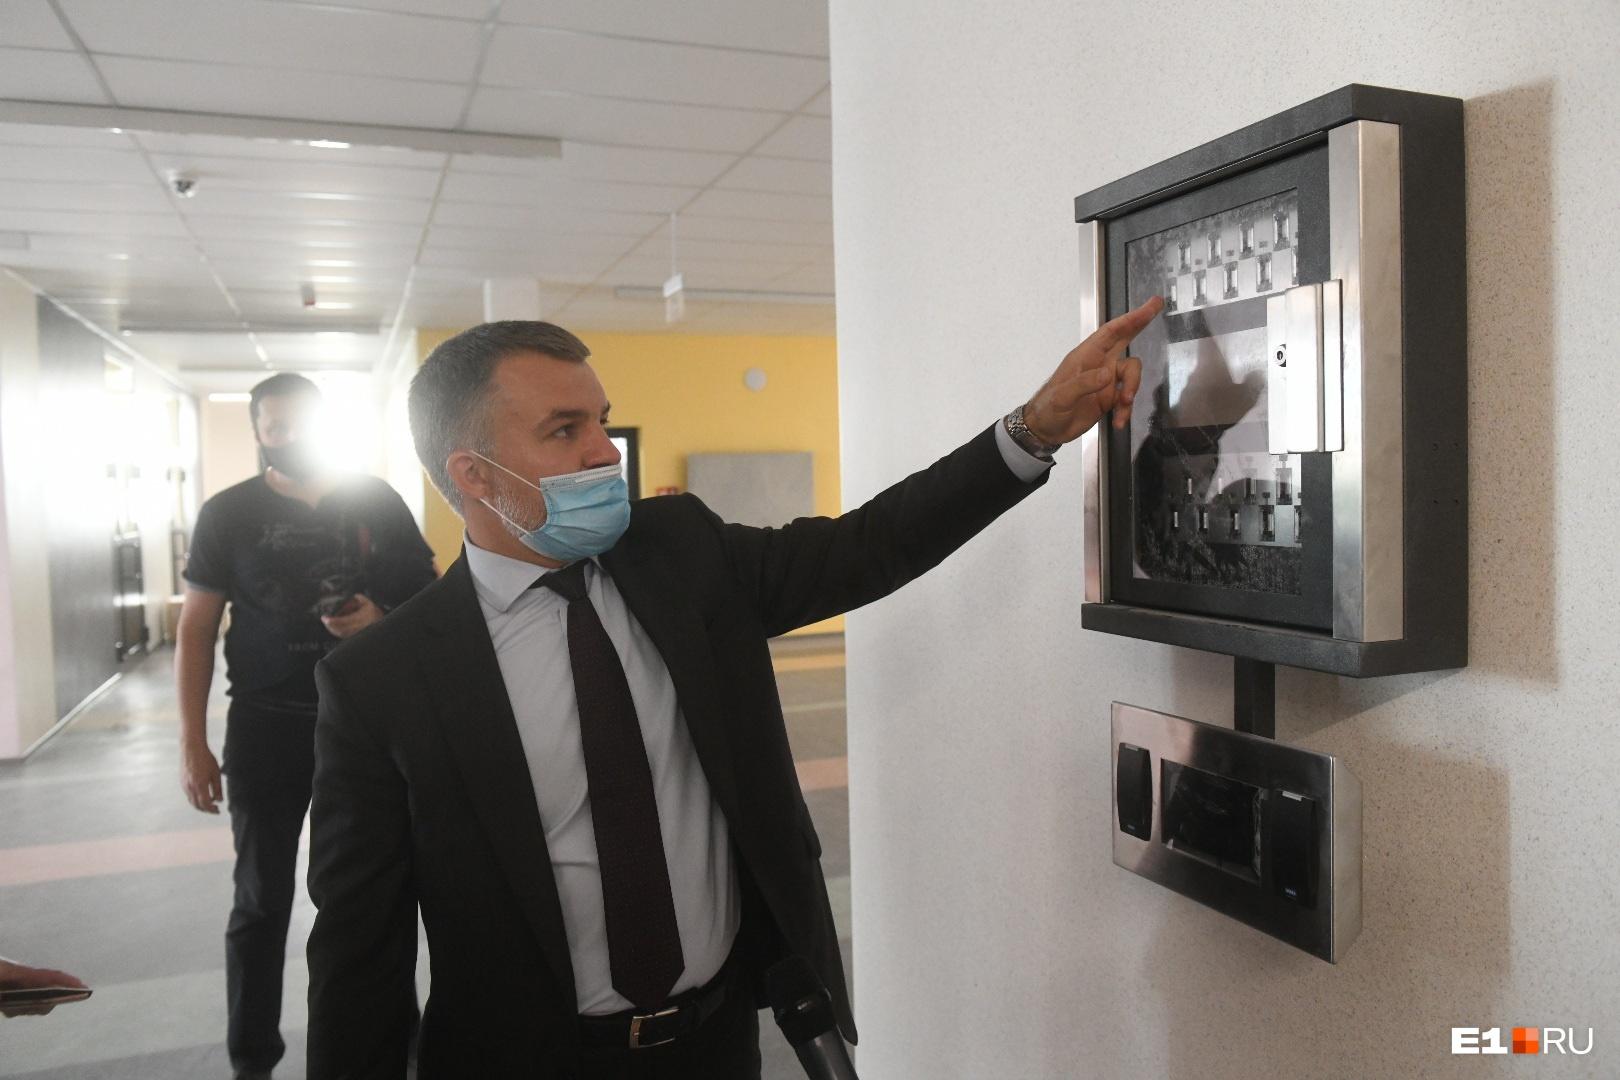 Вице-мэр показывает систему хранения ключей